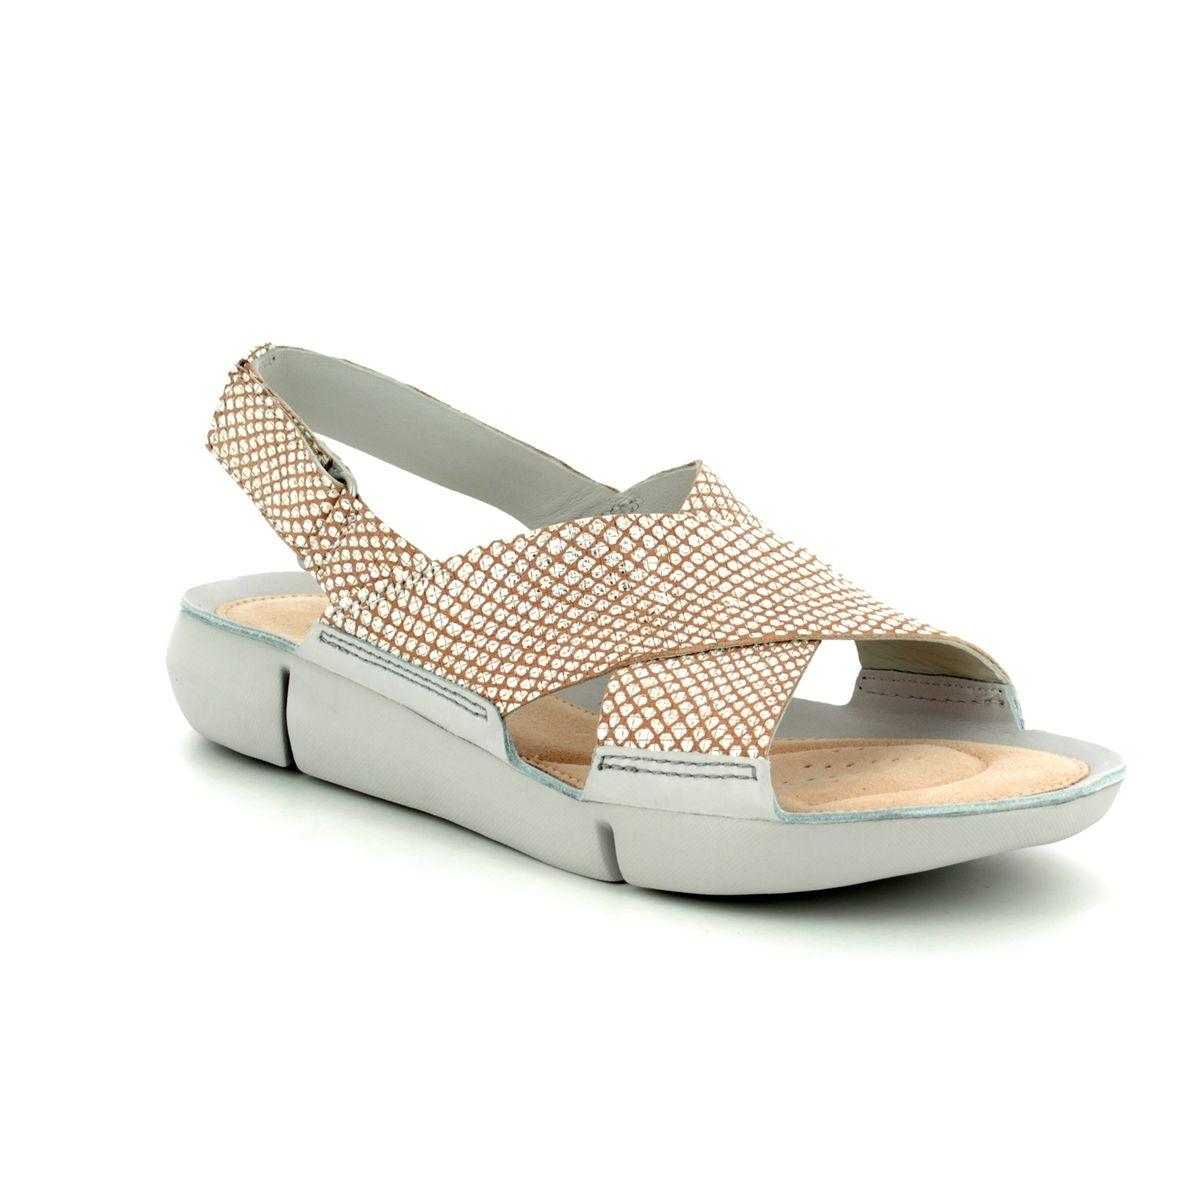 85547ddce0da Clarks Sandals - Silver multi - 3129 44D TRI CHLOE